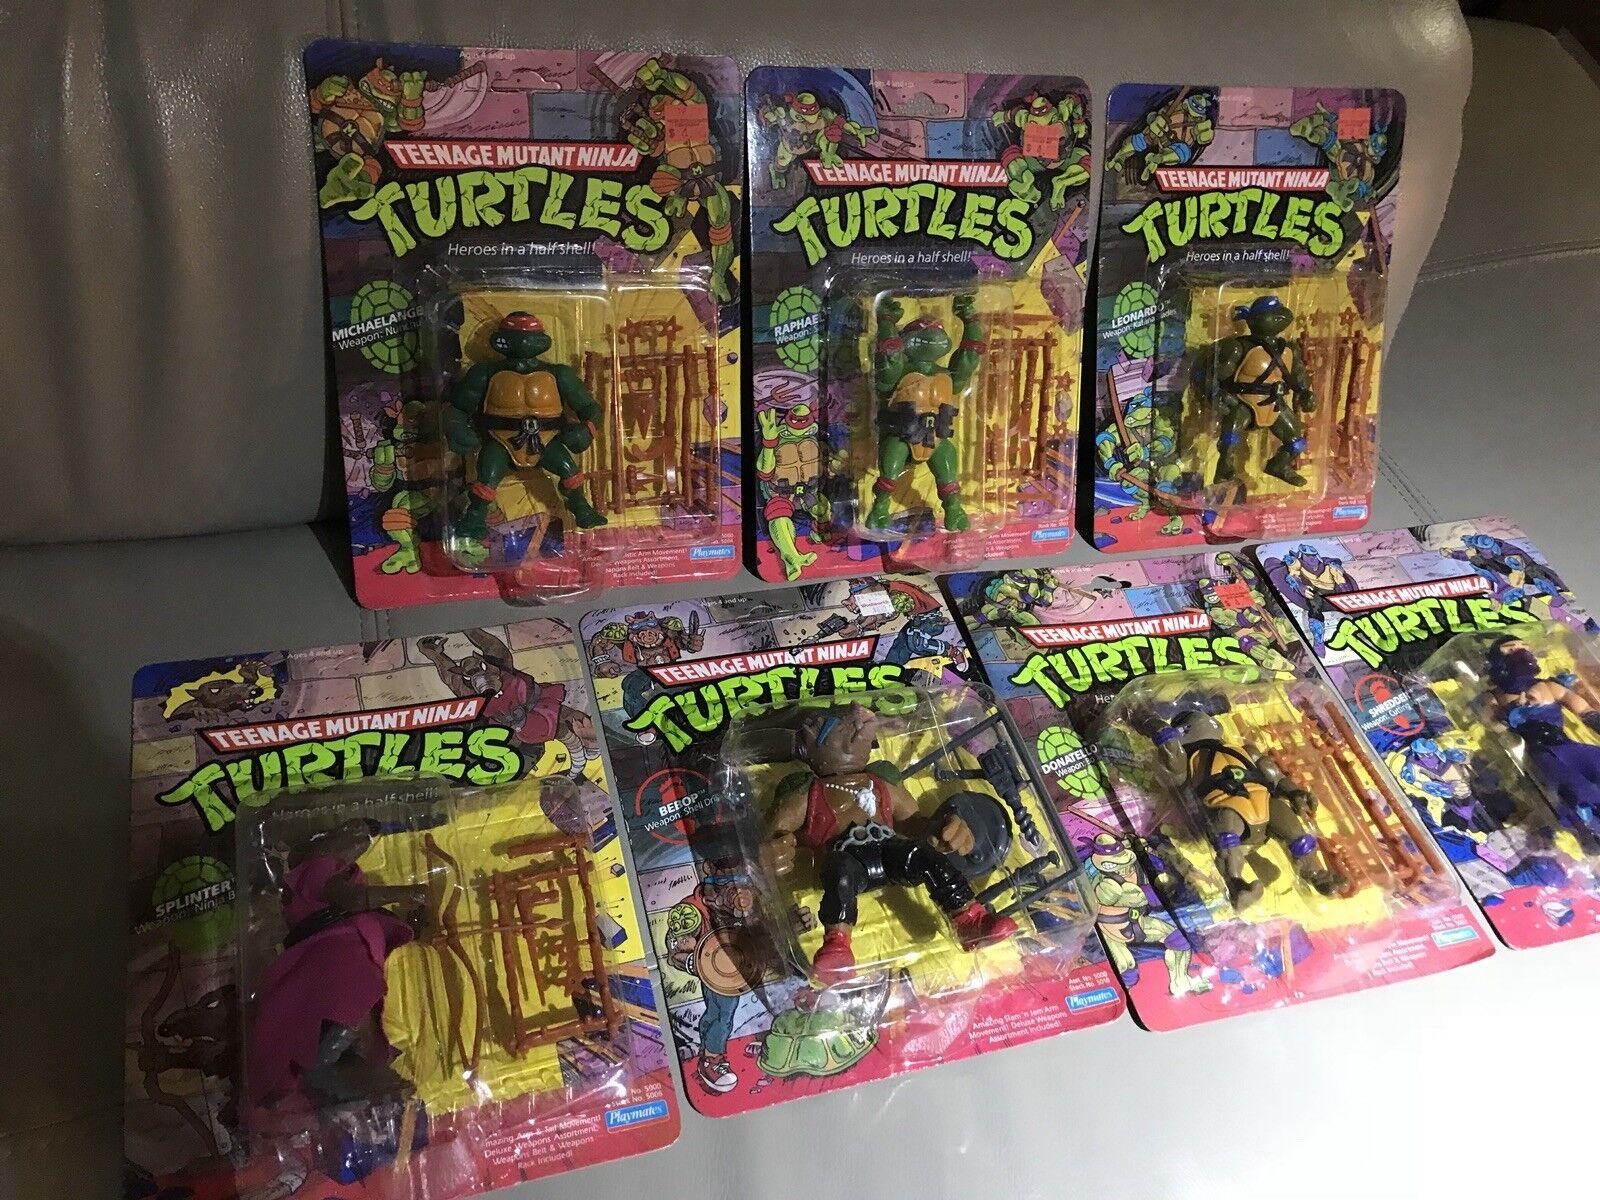 mejor oferta Lote de (7) Original Teenage Mutant Ninja Turtles Turtles Turtles Tortugas Ninja 1044 Lote Figura de Acción autoridad trituradora Bebop menta en tarjeta  tienda